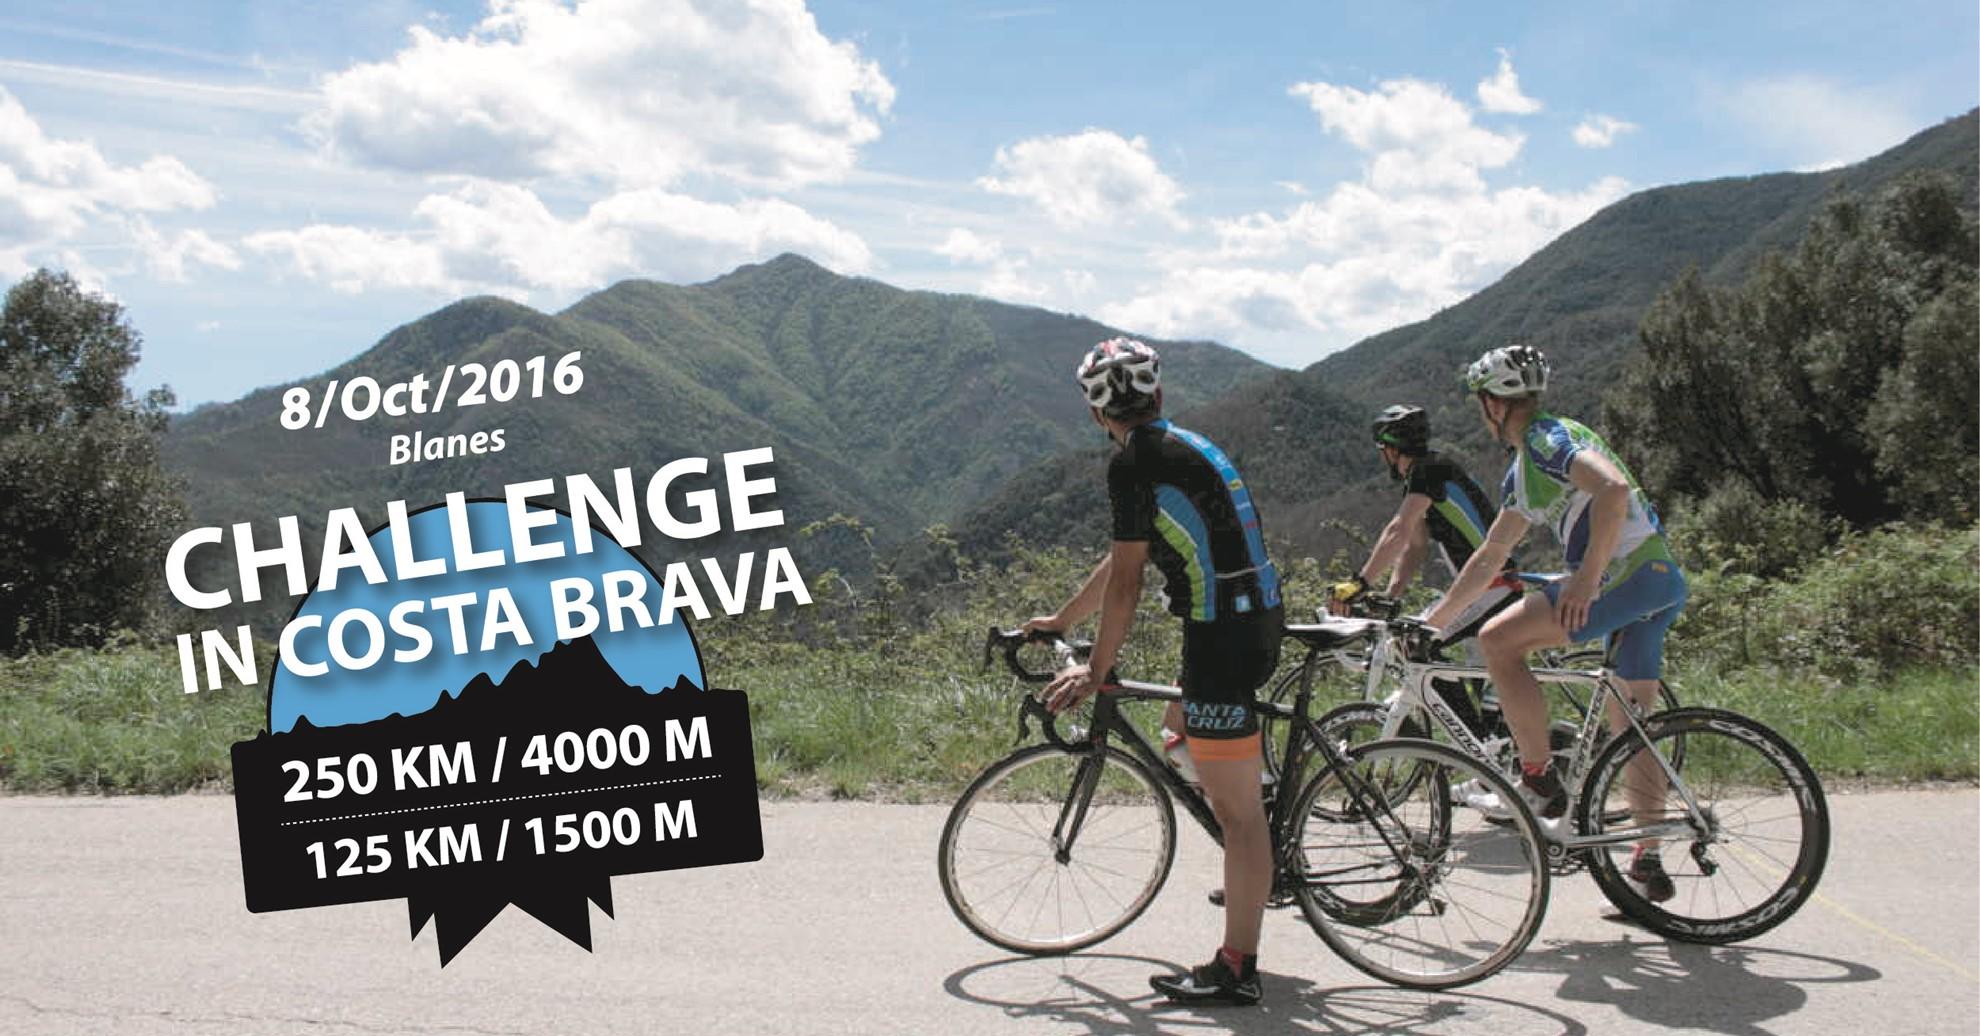 La marcha cicloturista 250/4000 Challenge in Costa Brava en octubre